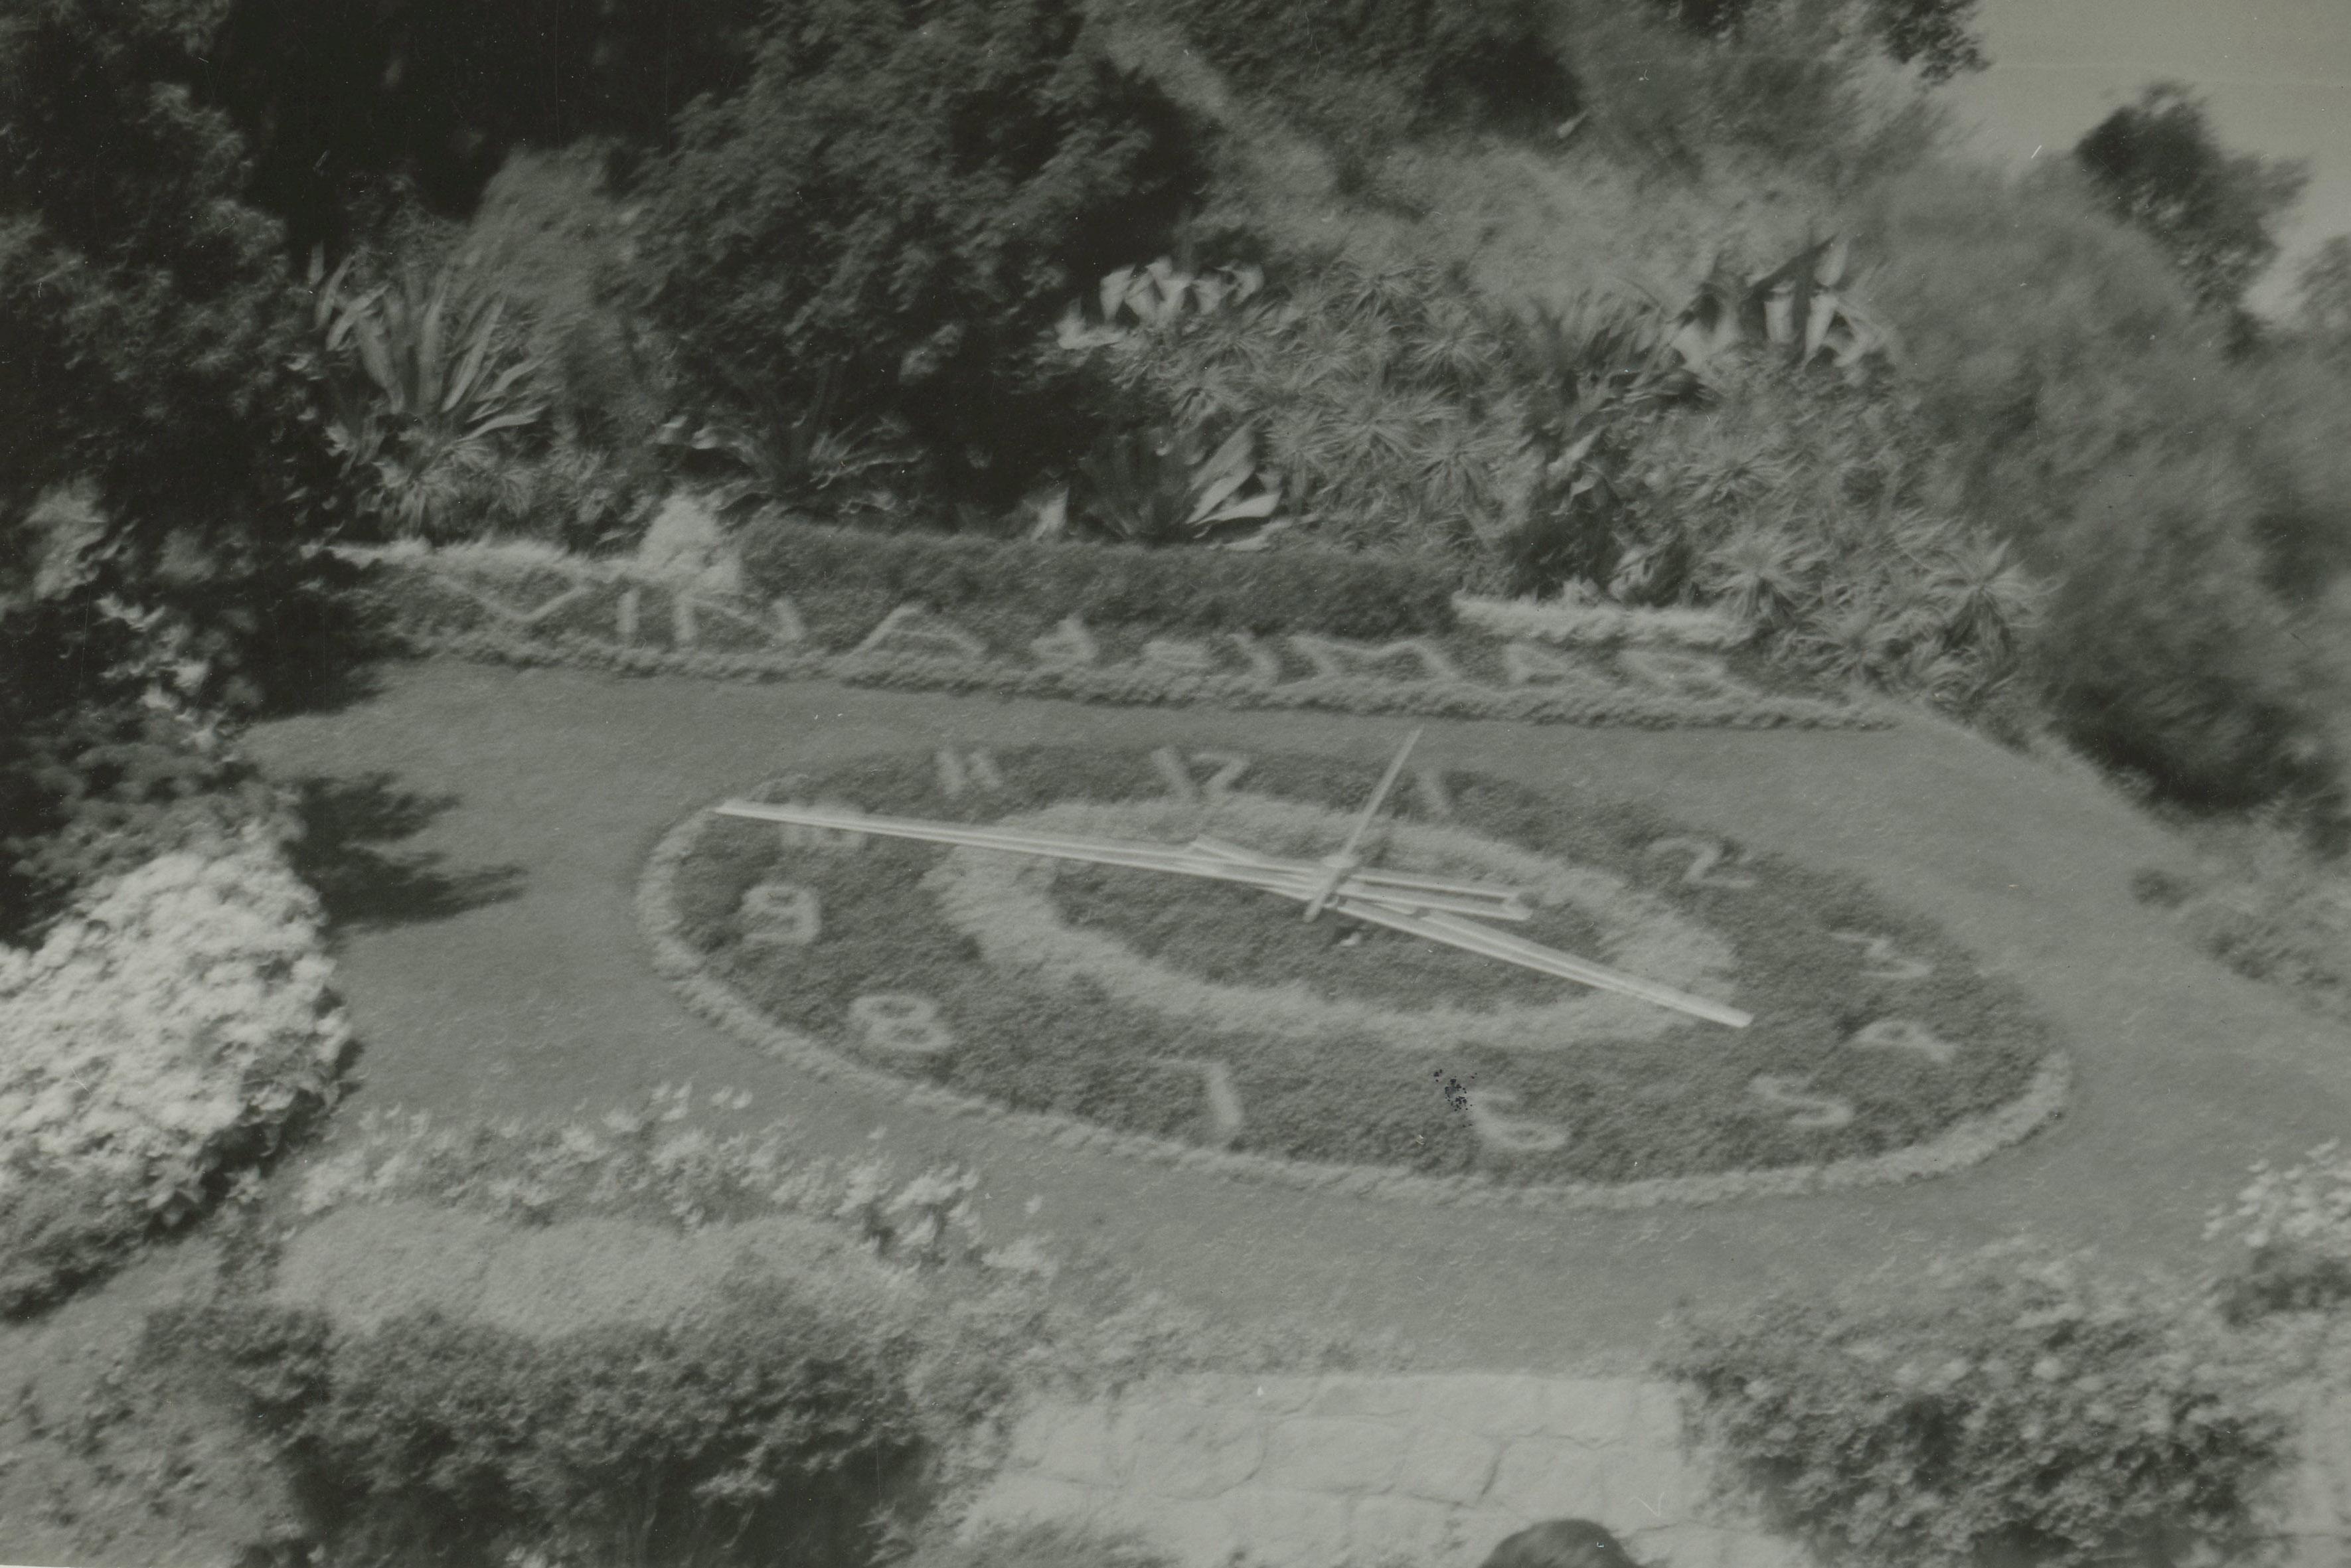 Enterreno - Fotos históricas de chile - fotos antiguas de Chile - Reloj de Flores, Viña del Mar en 1969